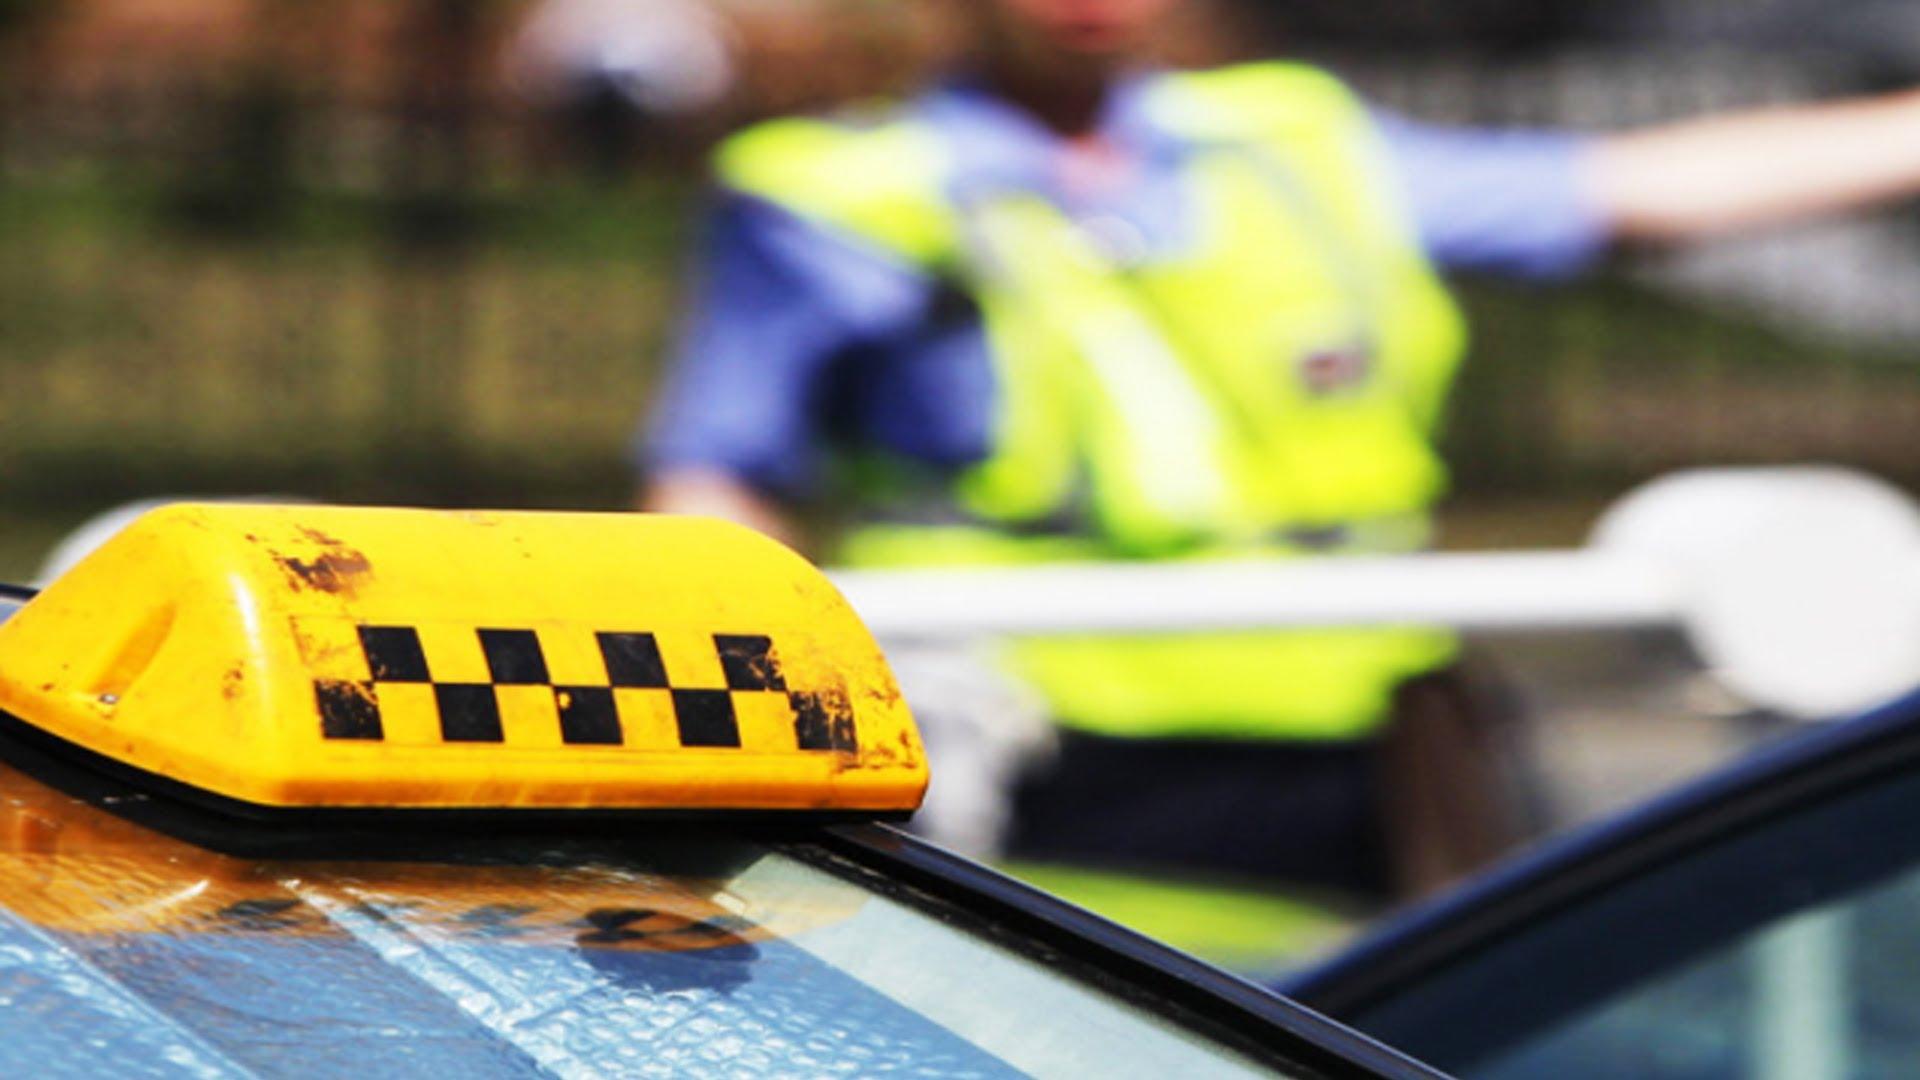 нелегальное такси картинка движении льдин